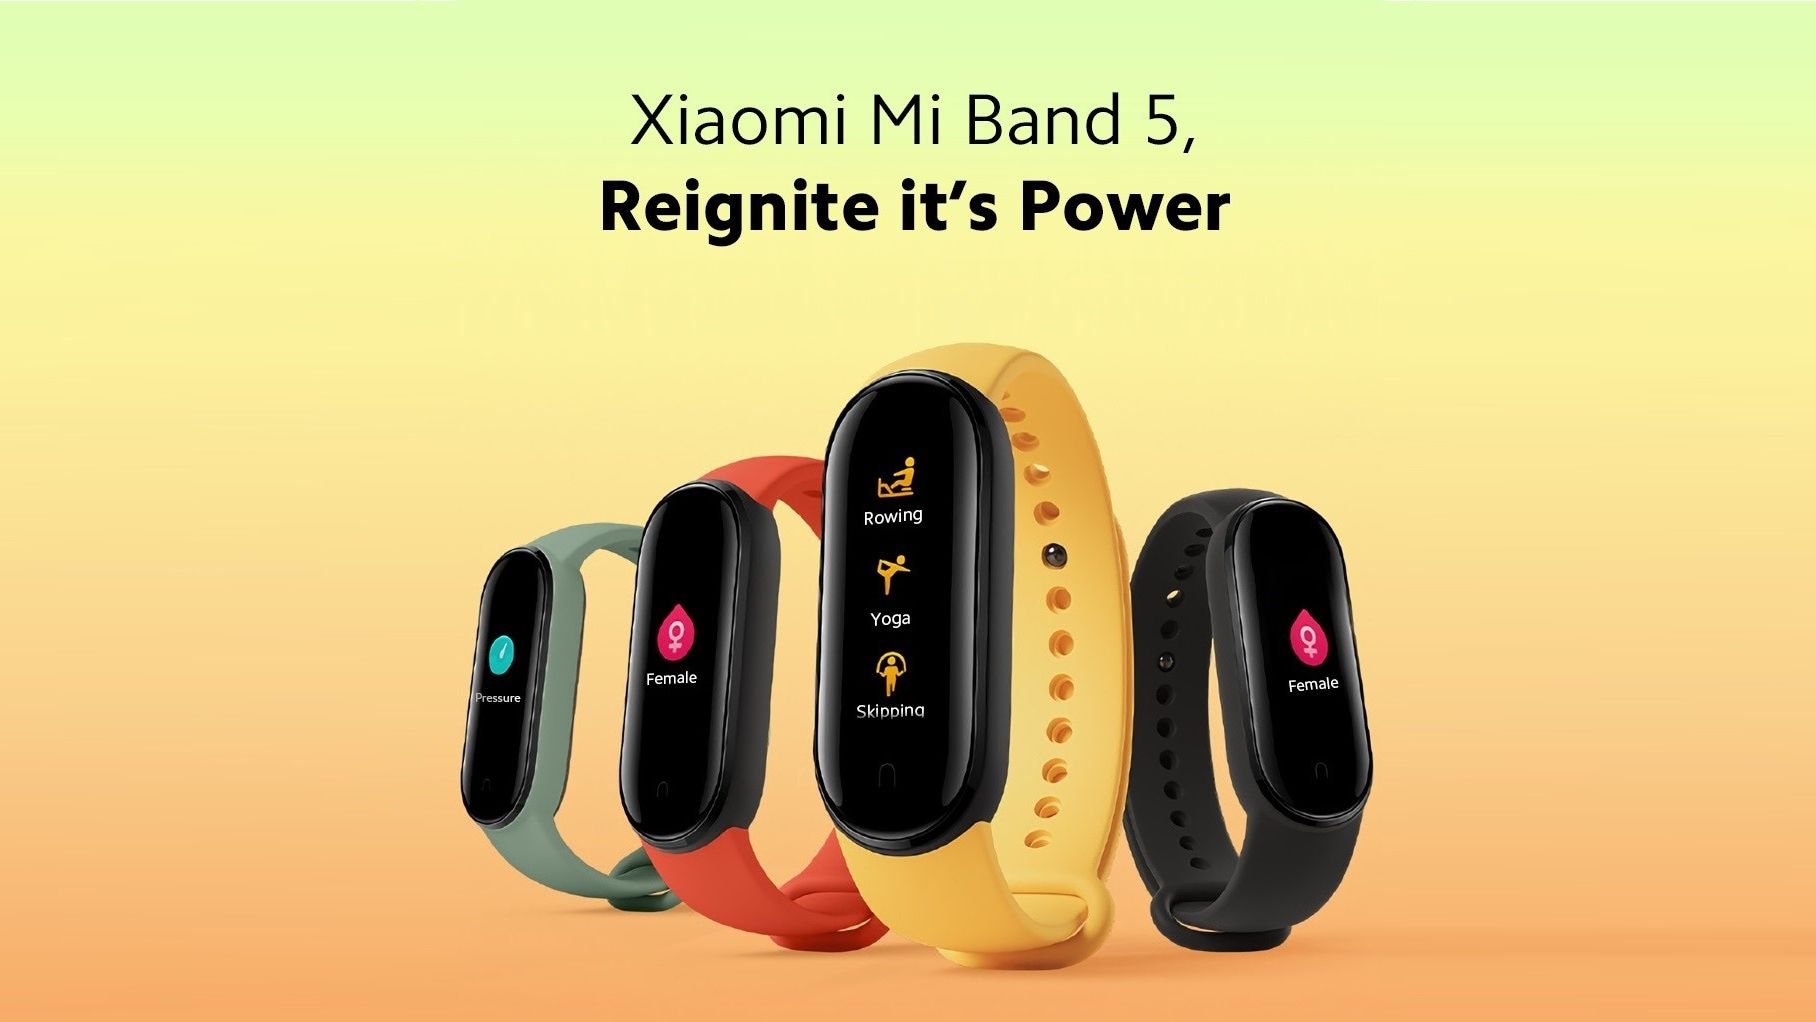 Xiaomi Mi band 5 è stata presentata ufficialmente: la solita regina delle smartband ha anche il chip NFC e costa meno di 30 euro